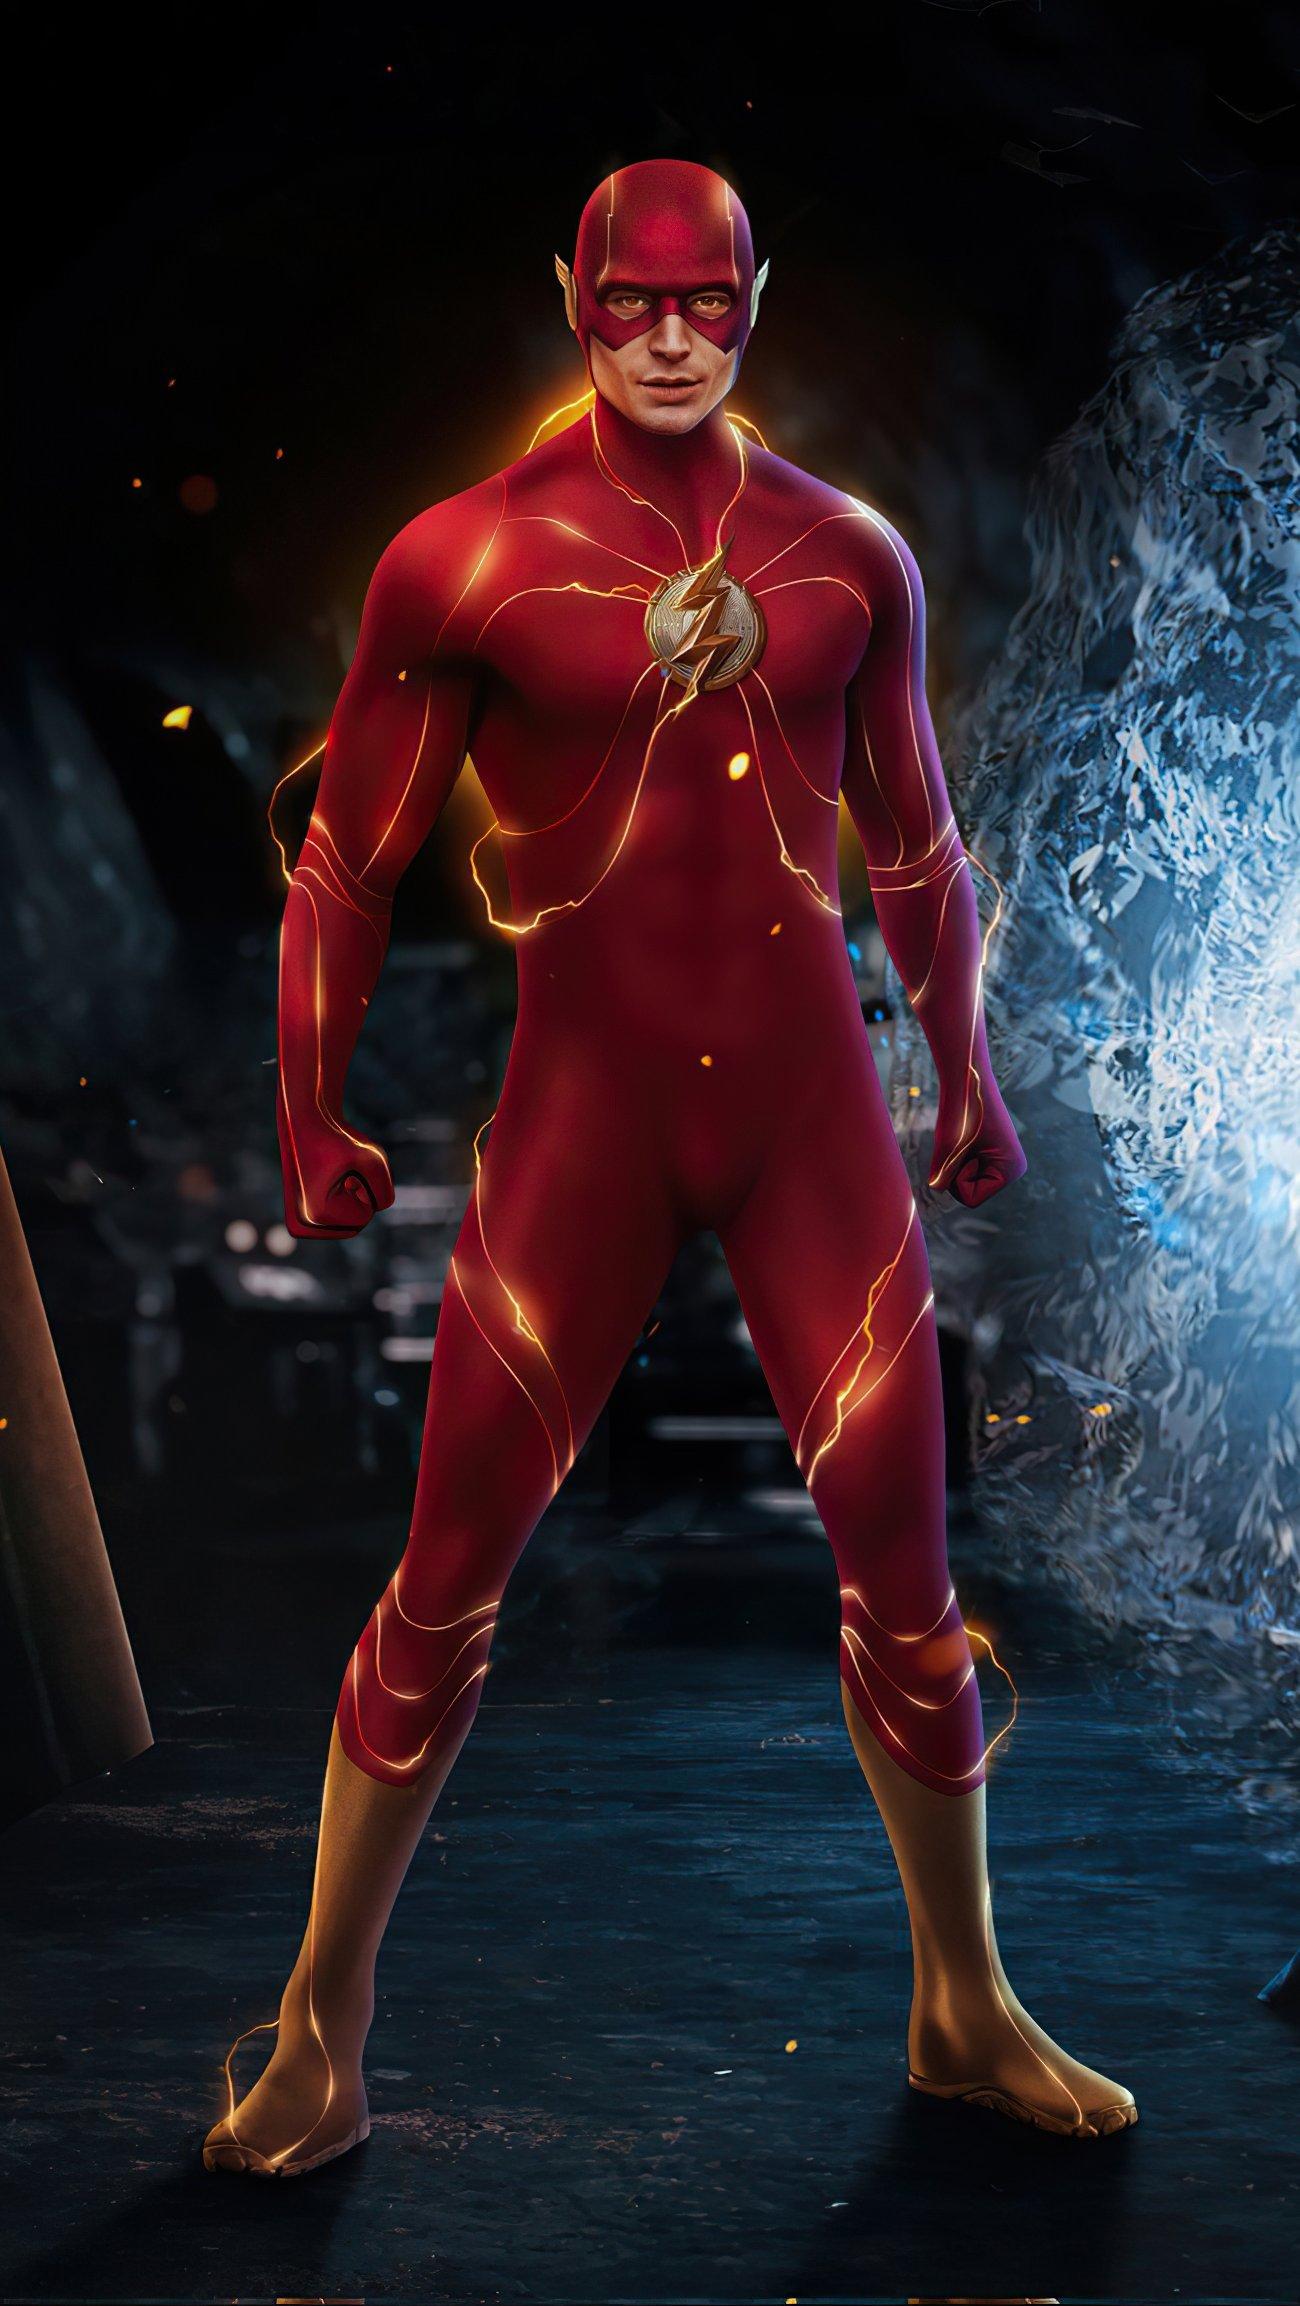 Fondos de pantalla The Flash 2022 Vertical